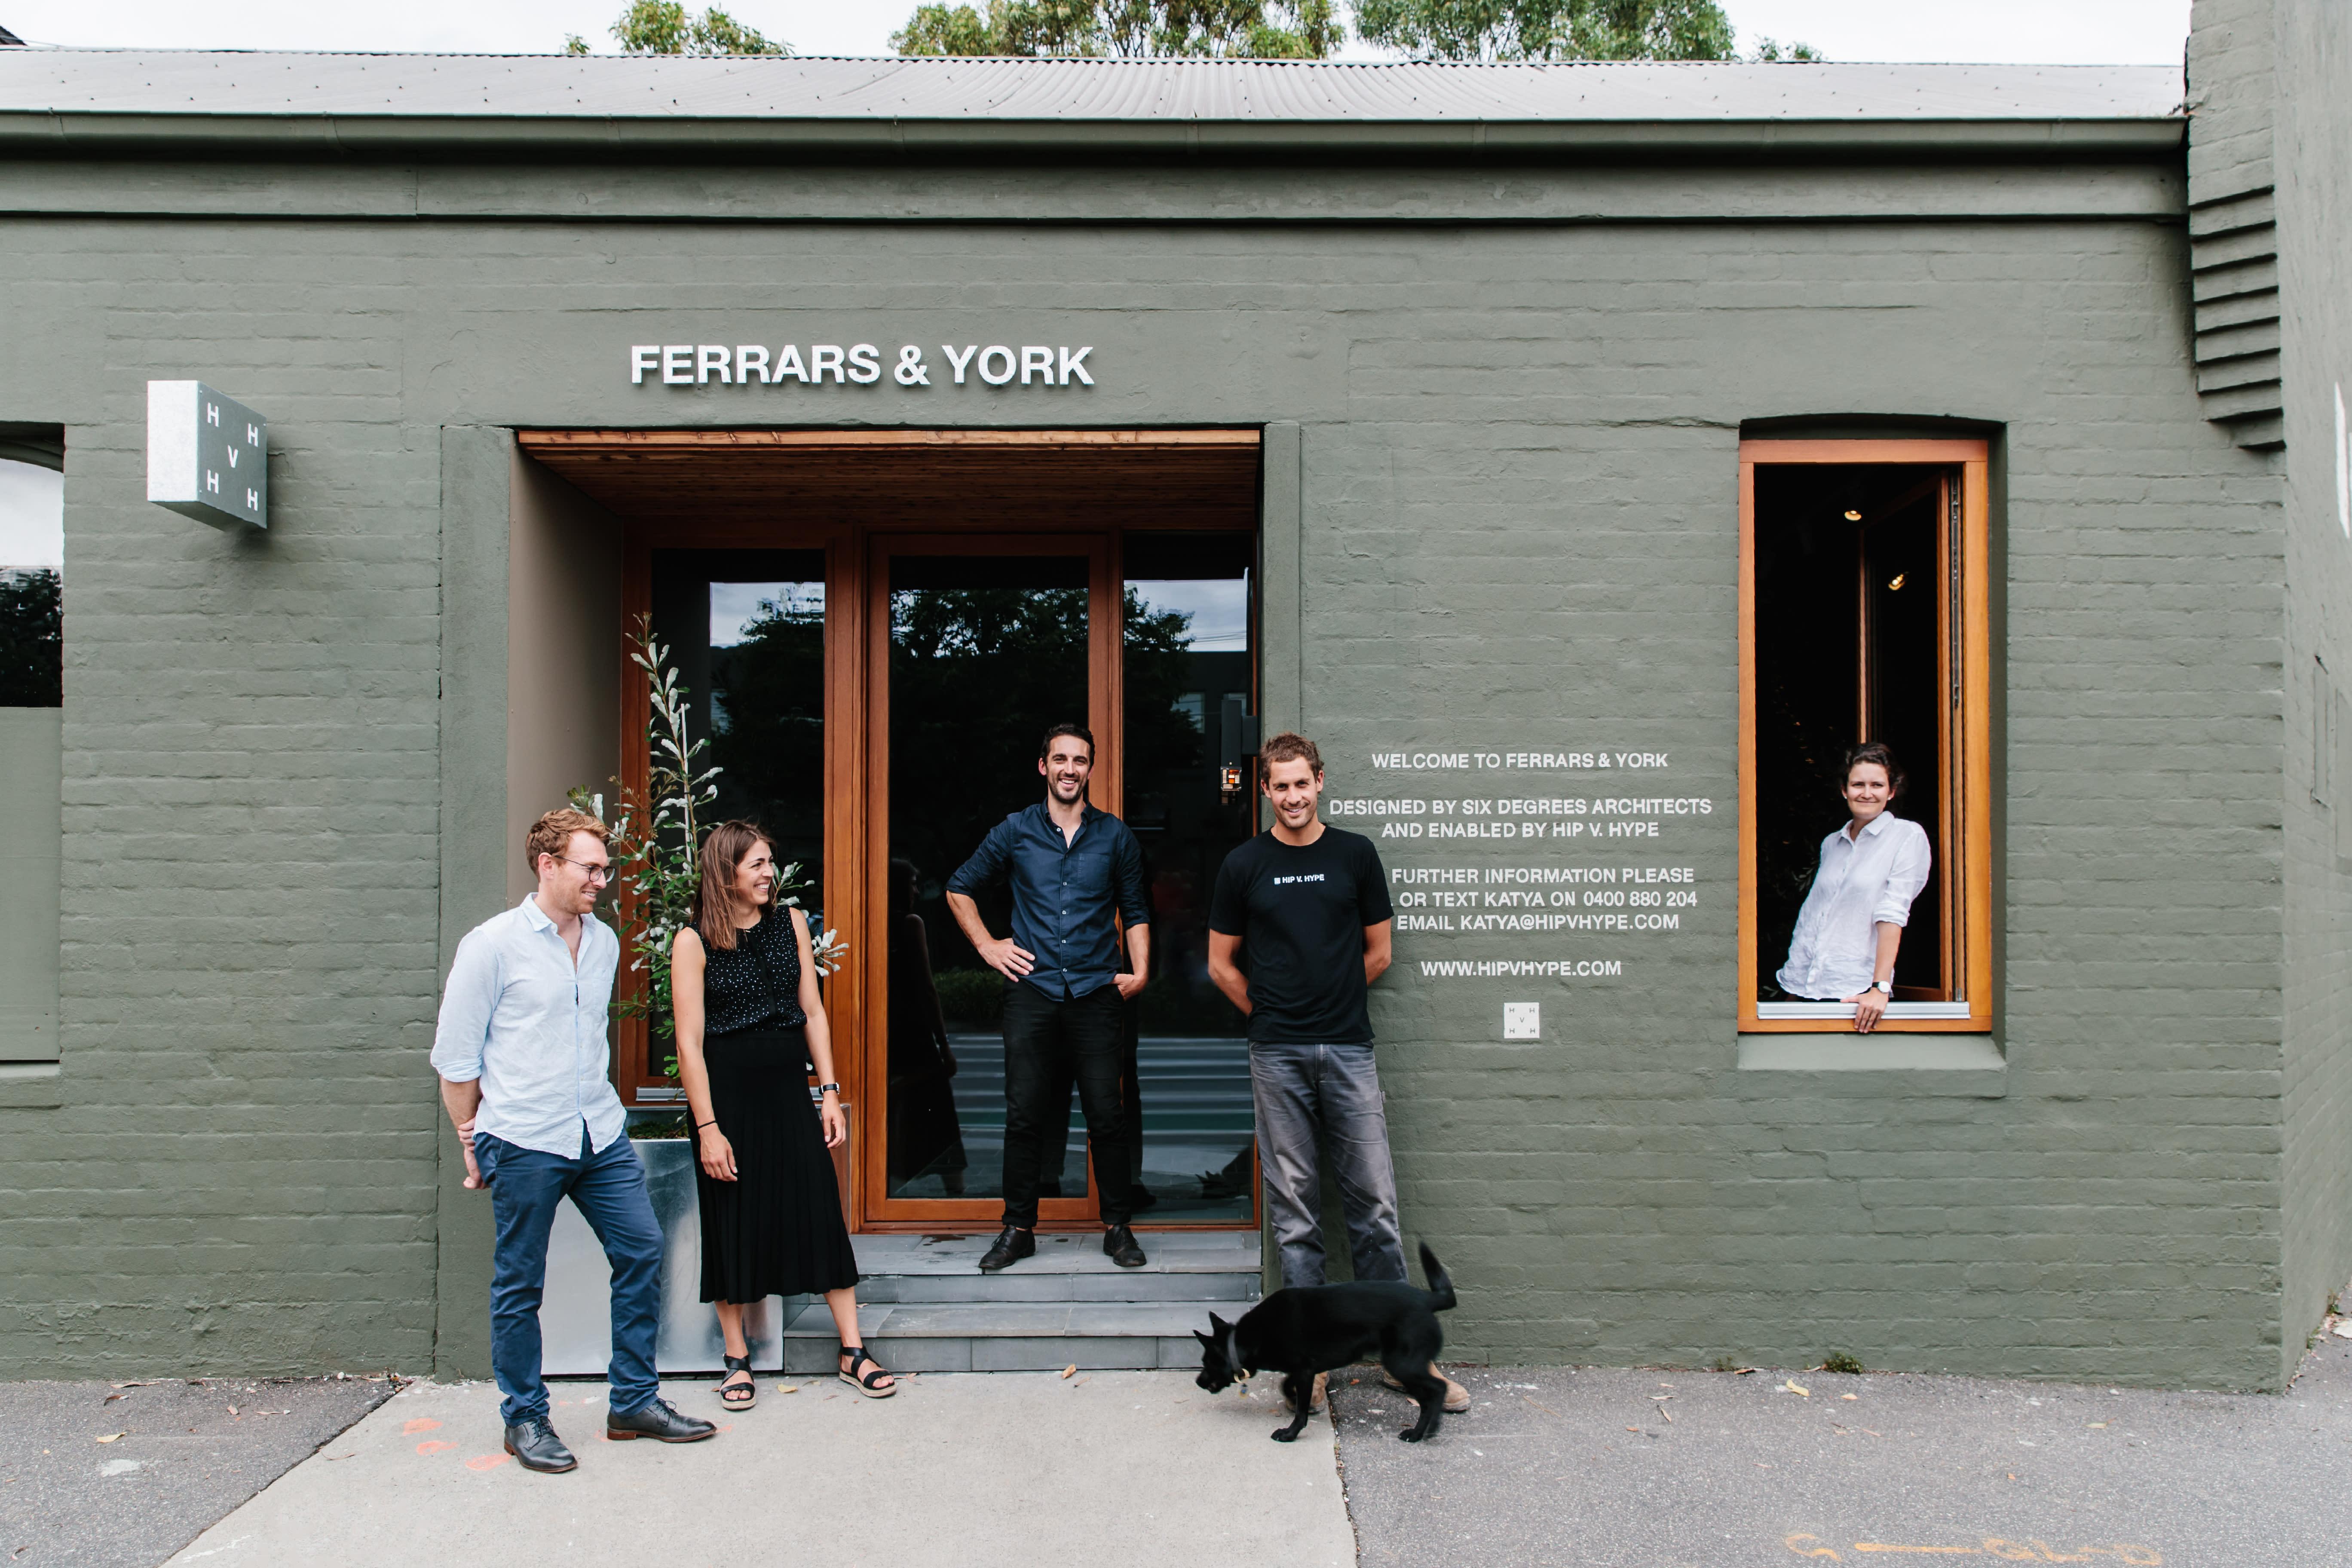 Q&A with Liam Wallis, Ferrars & York